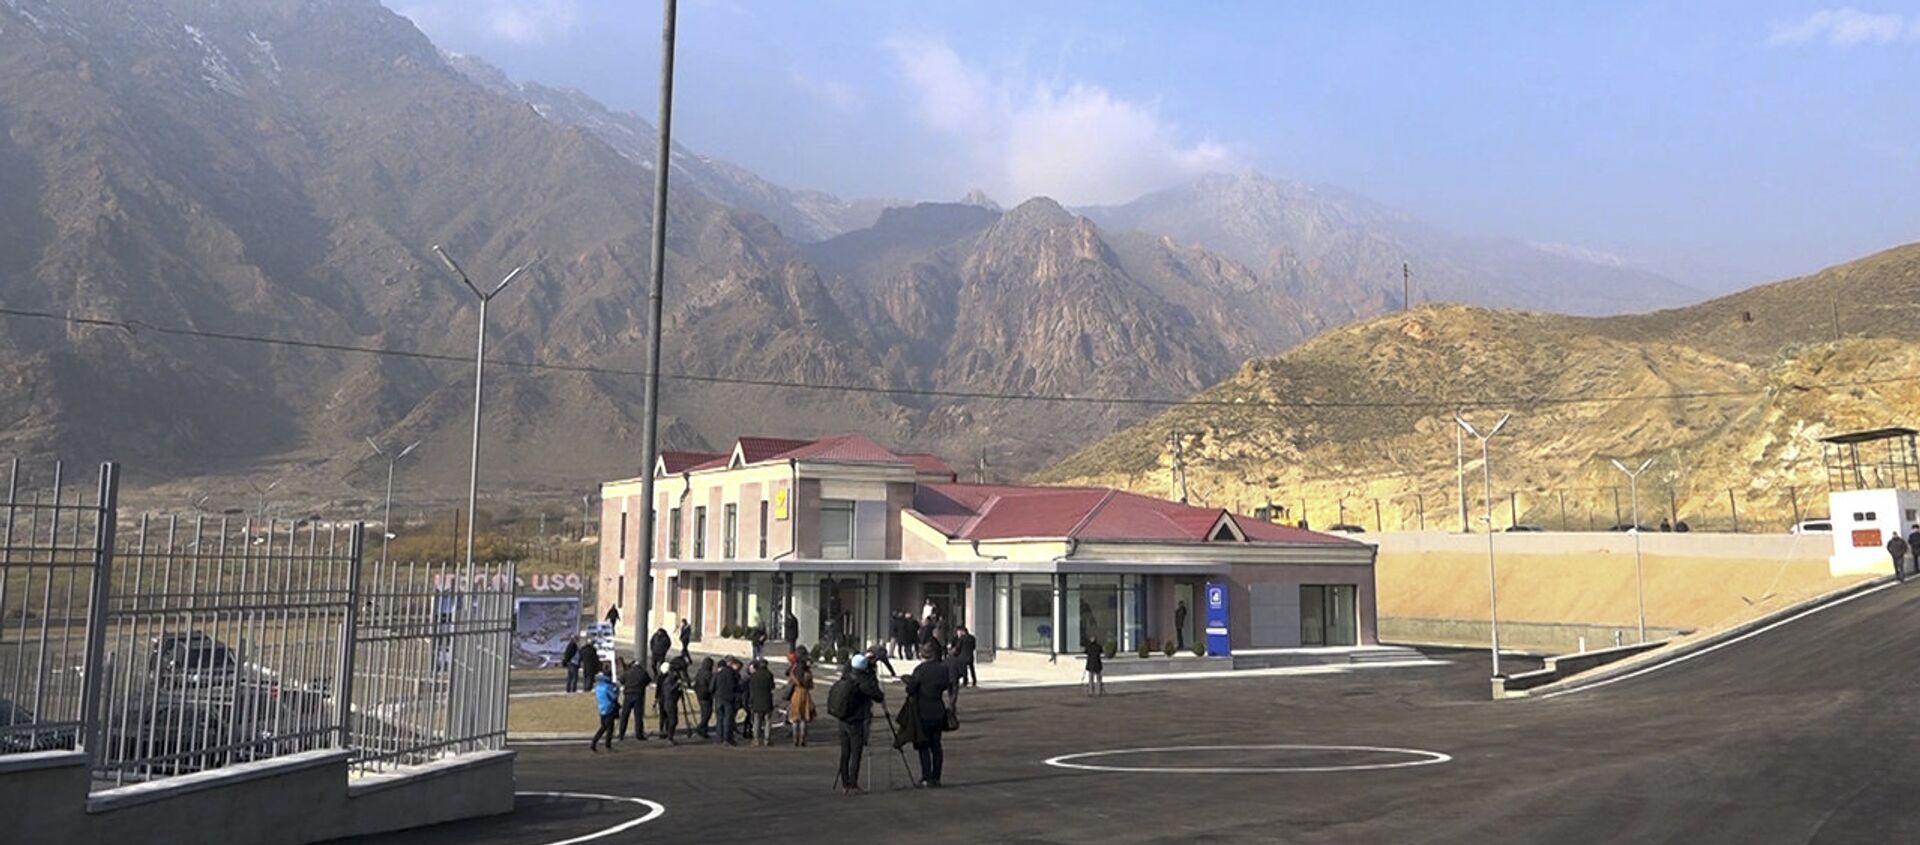 Свободная экономическая зона Мегри открылась в Армении на границе с Ираном - Sputnik Արմենիա, 1920, 27.07.2021